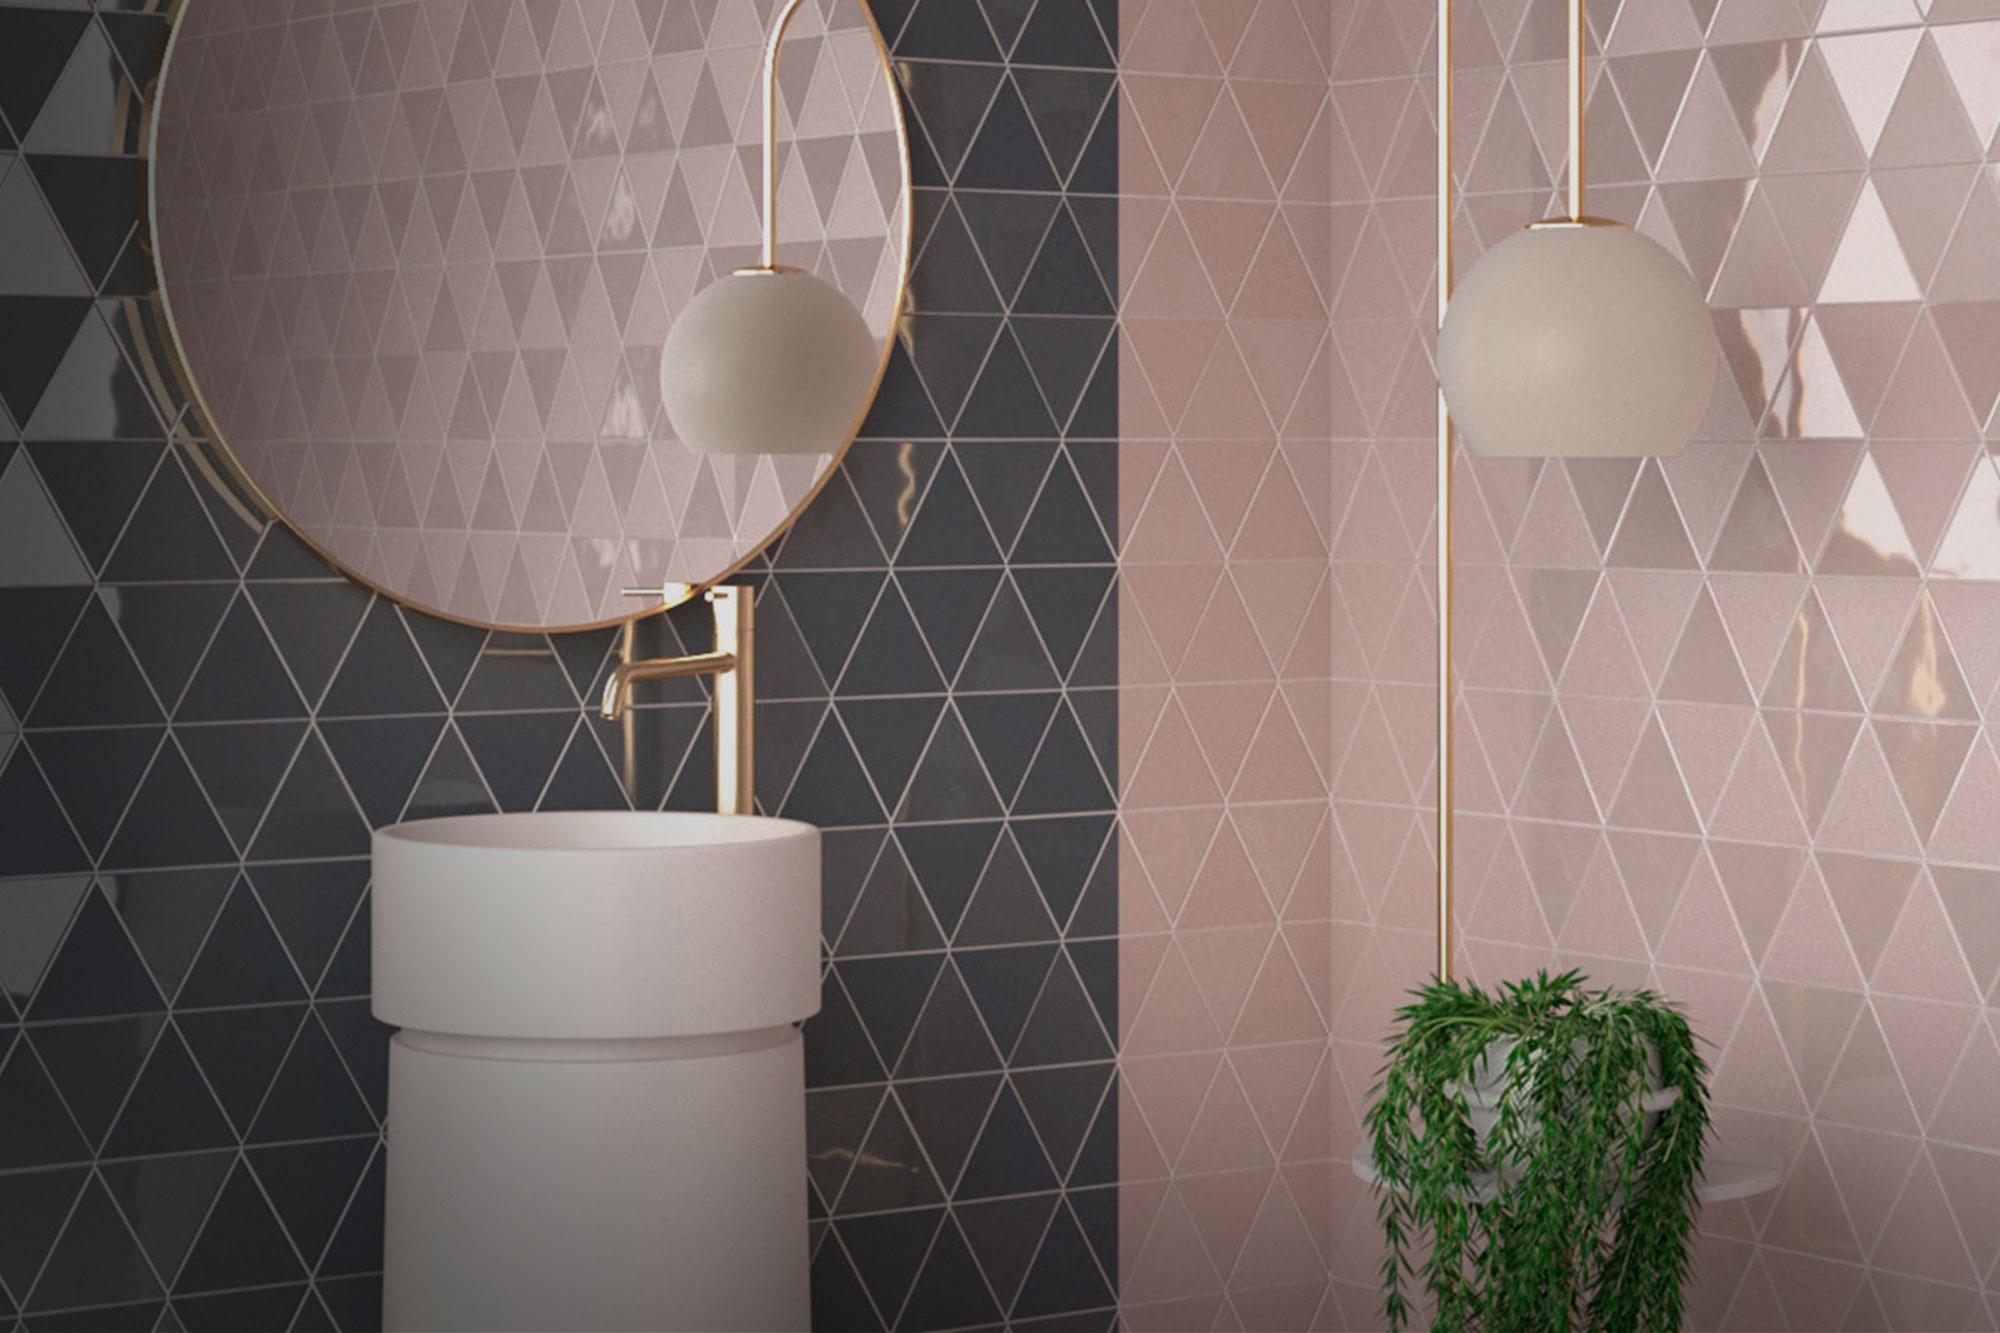 Hydraulic bathroom tiles